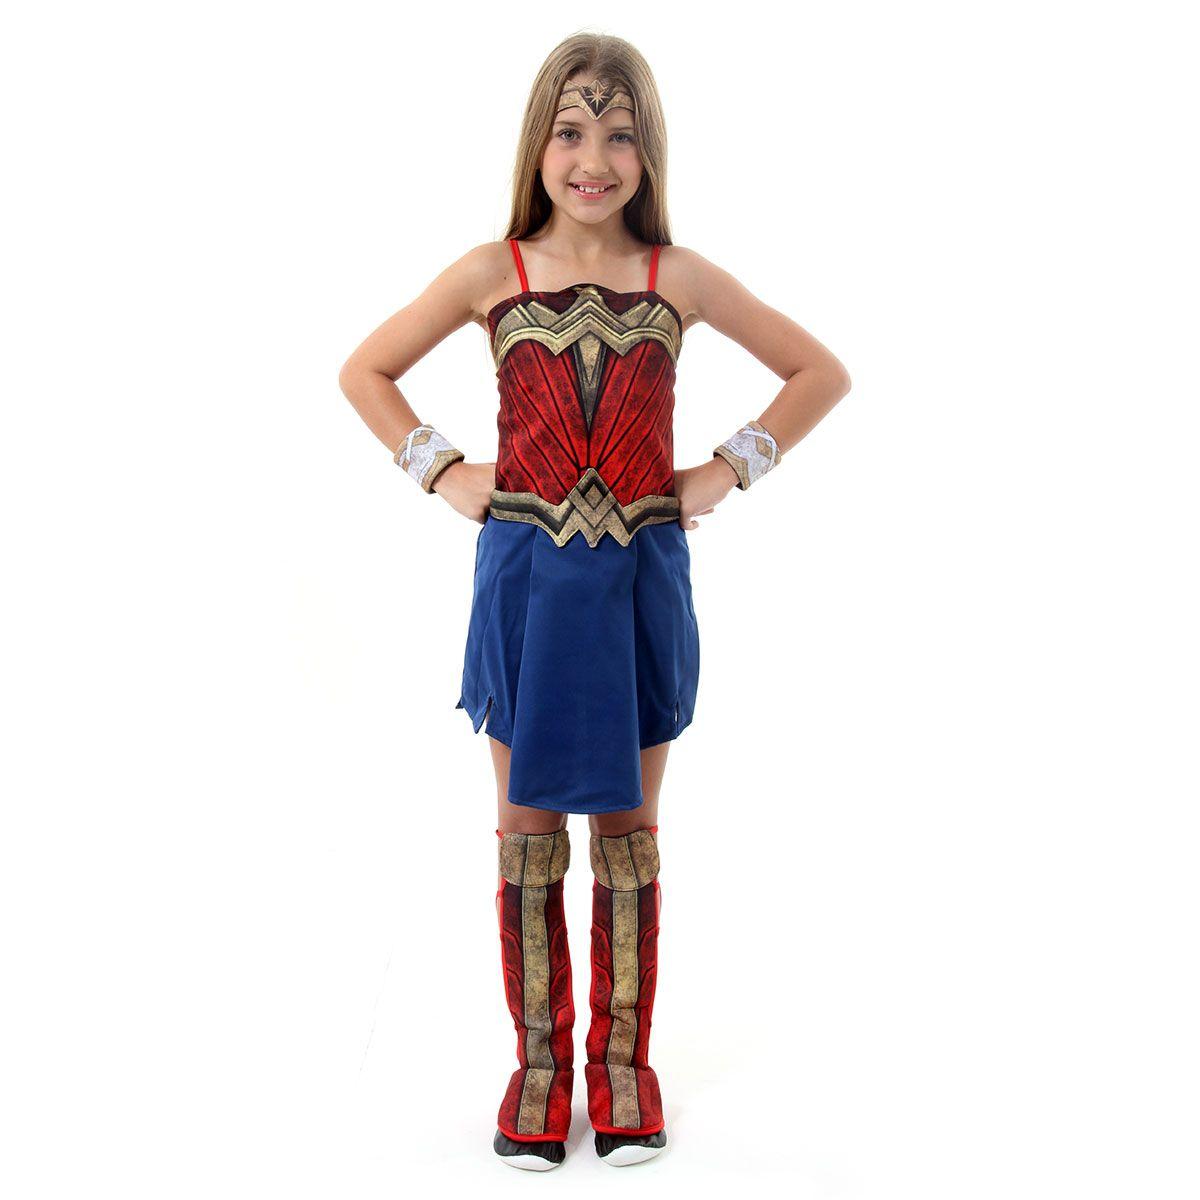 Fantasia Mulher Maravilha Infantil Filme Luxo